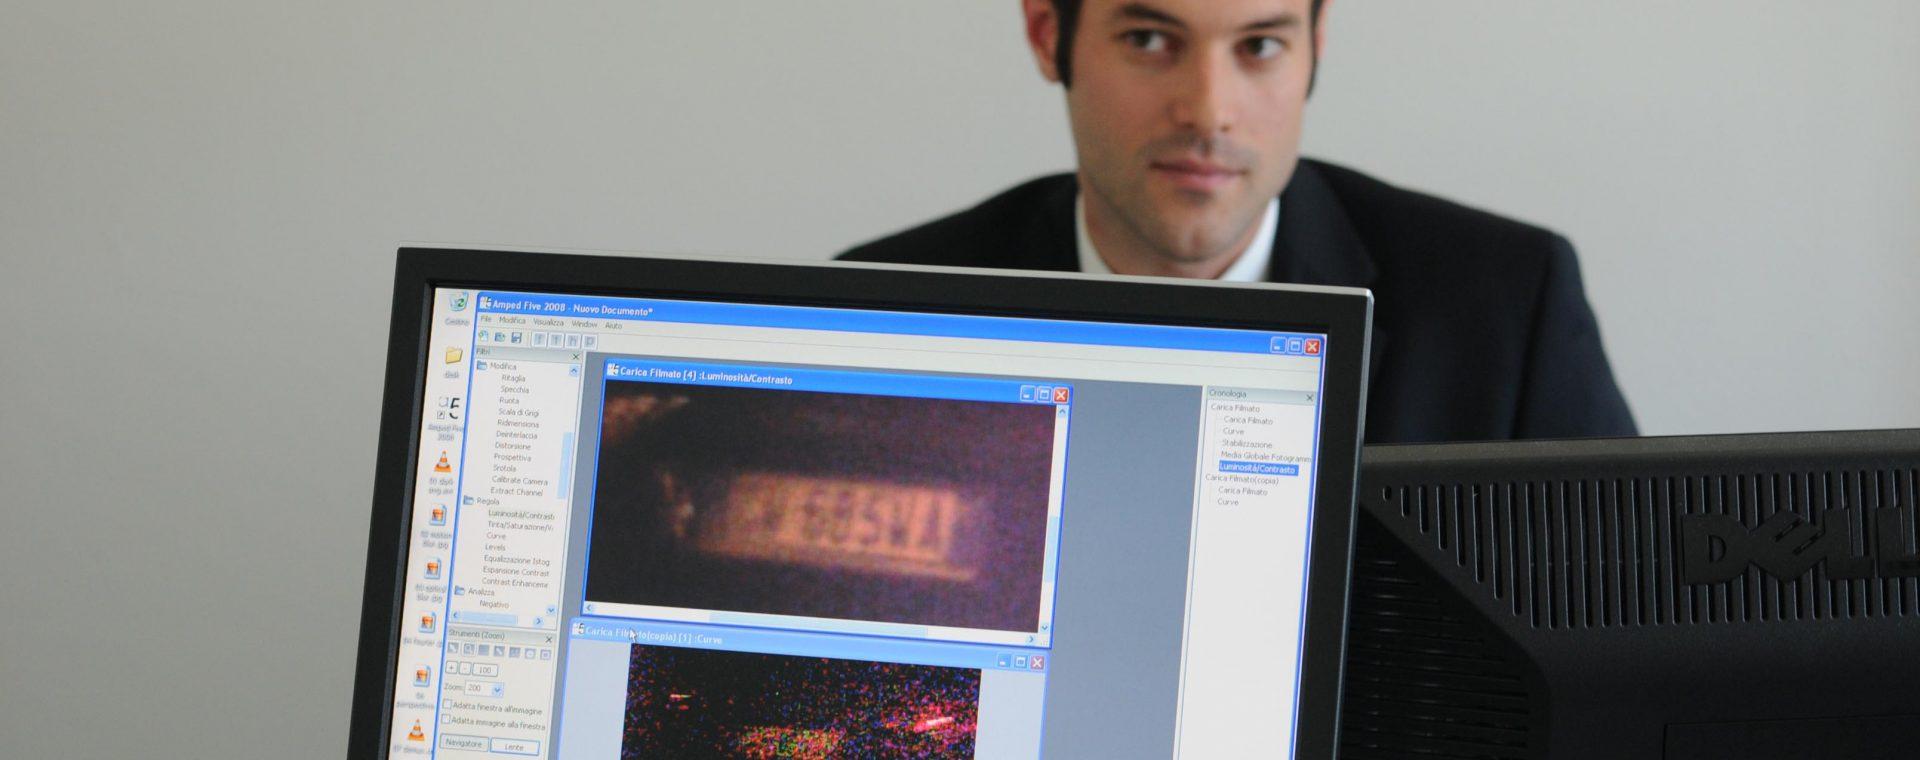 La tecnologia sposa l'investigazione: AMPED collabora con le polizie di tutto il mondo